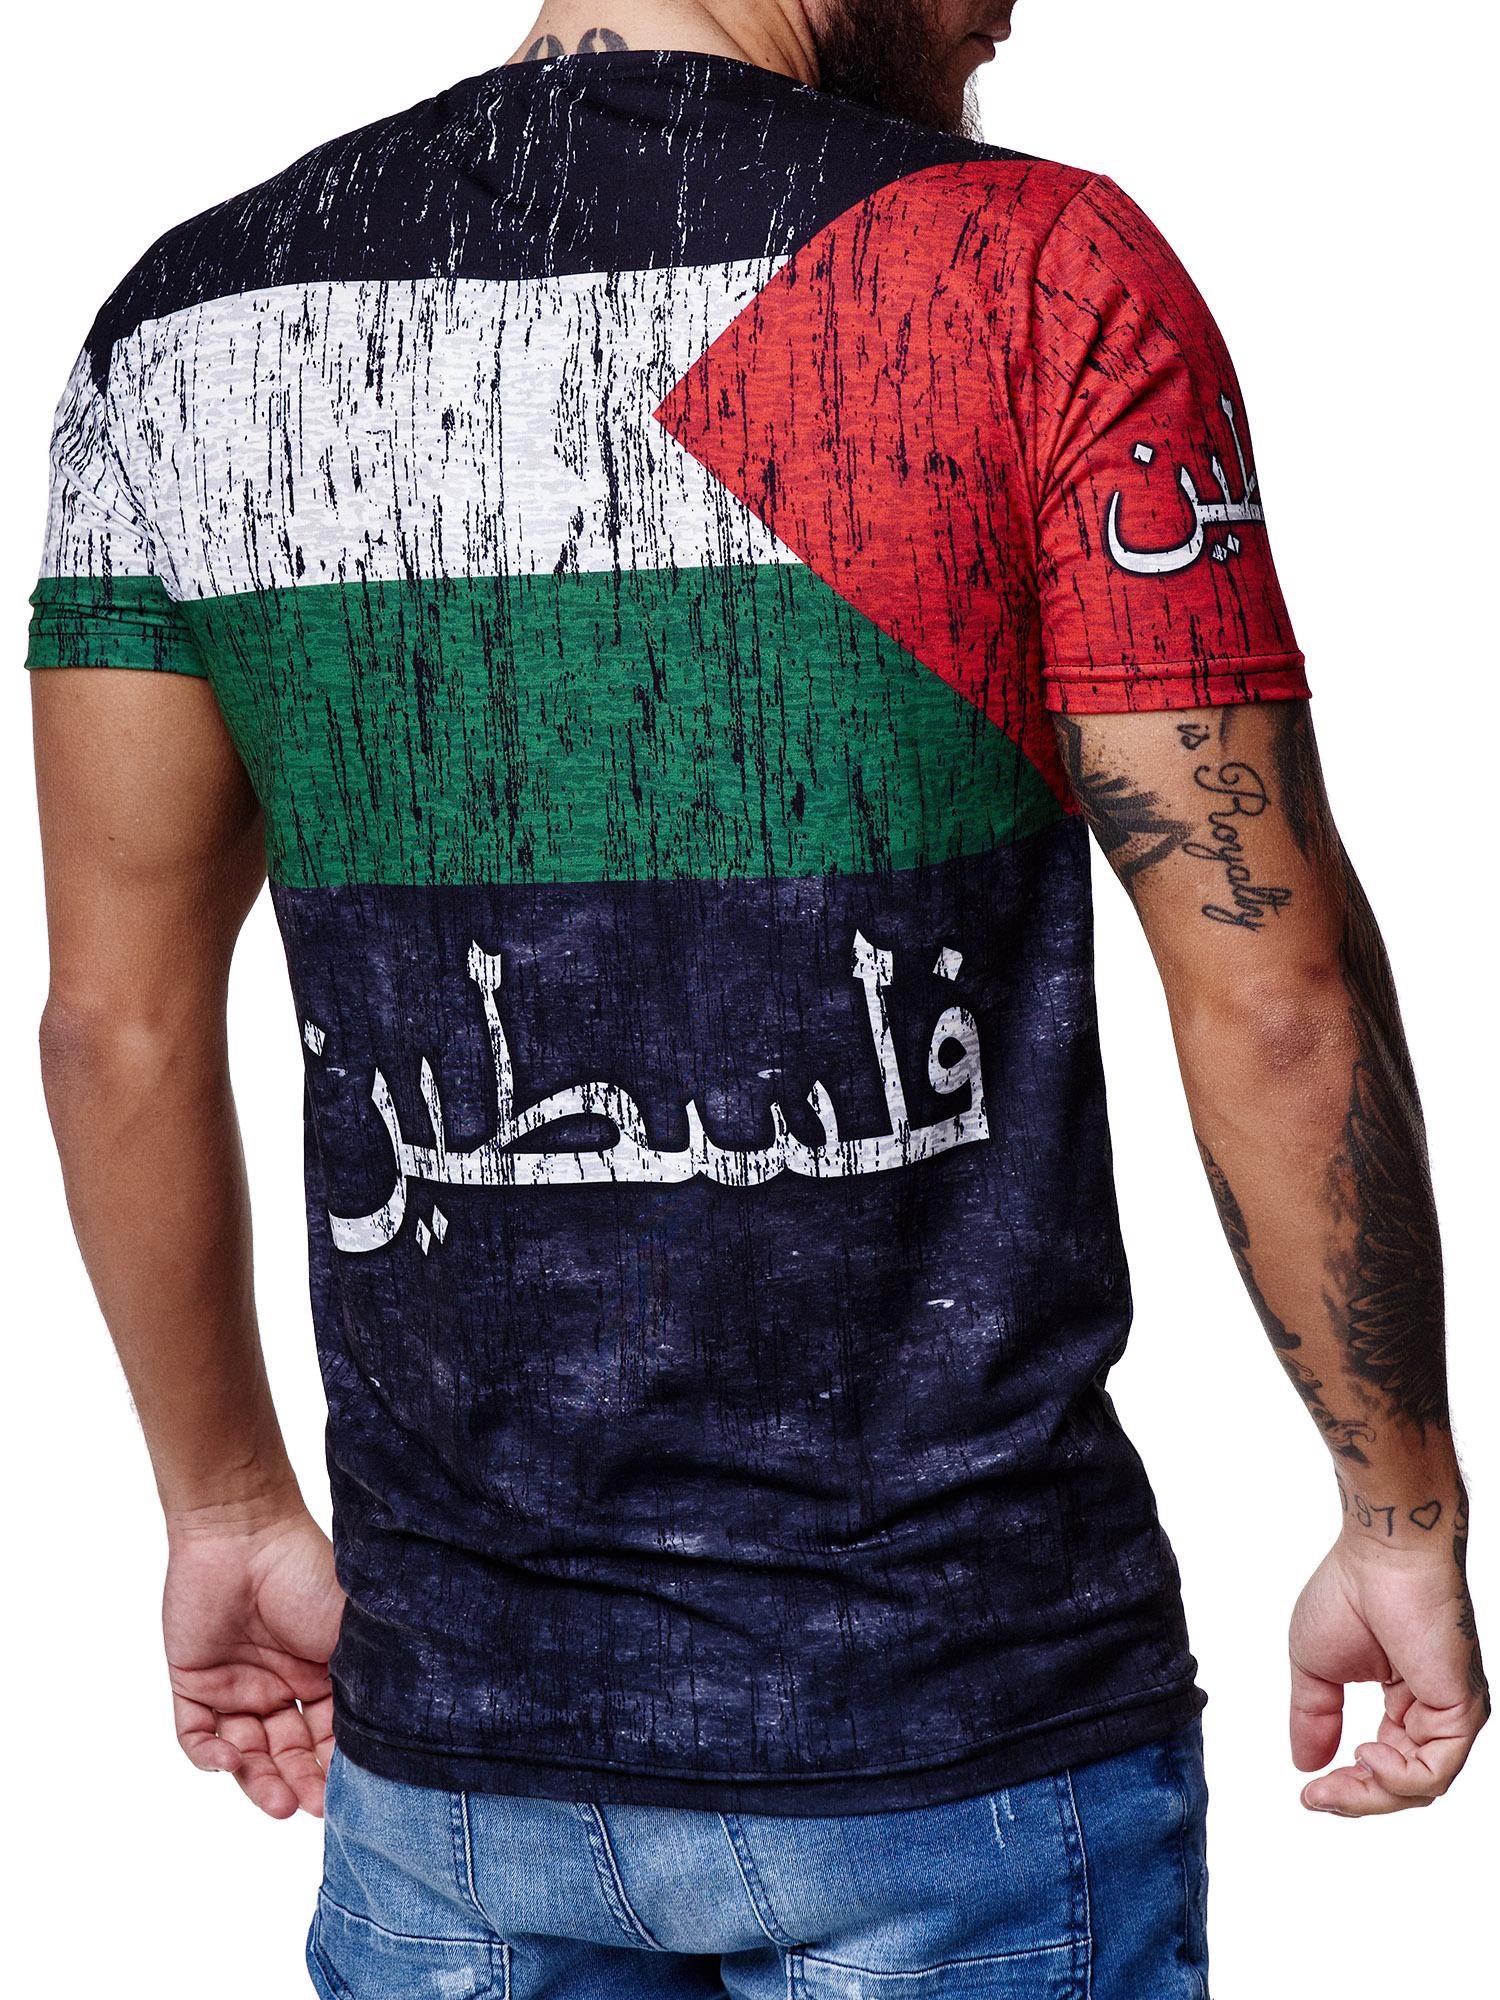 Paesi-da-Donna-T-shirt-A-Maniche-Corte-Girocollo-donne-CALCIO-Fanshirt-John-Kayna miniatura 90